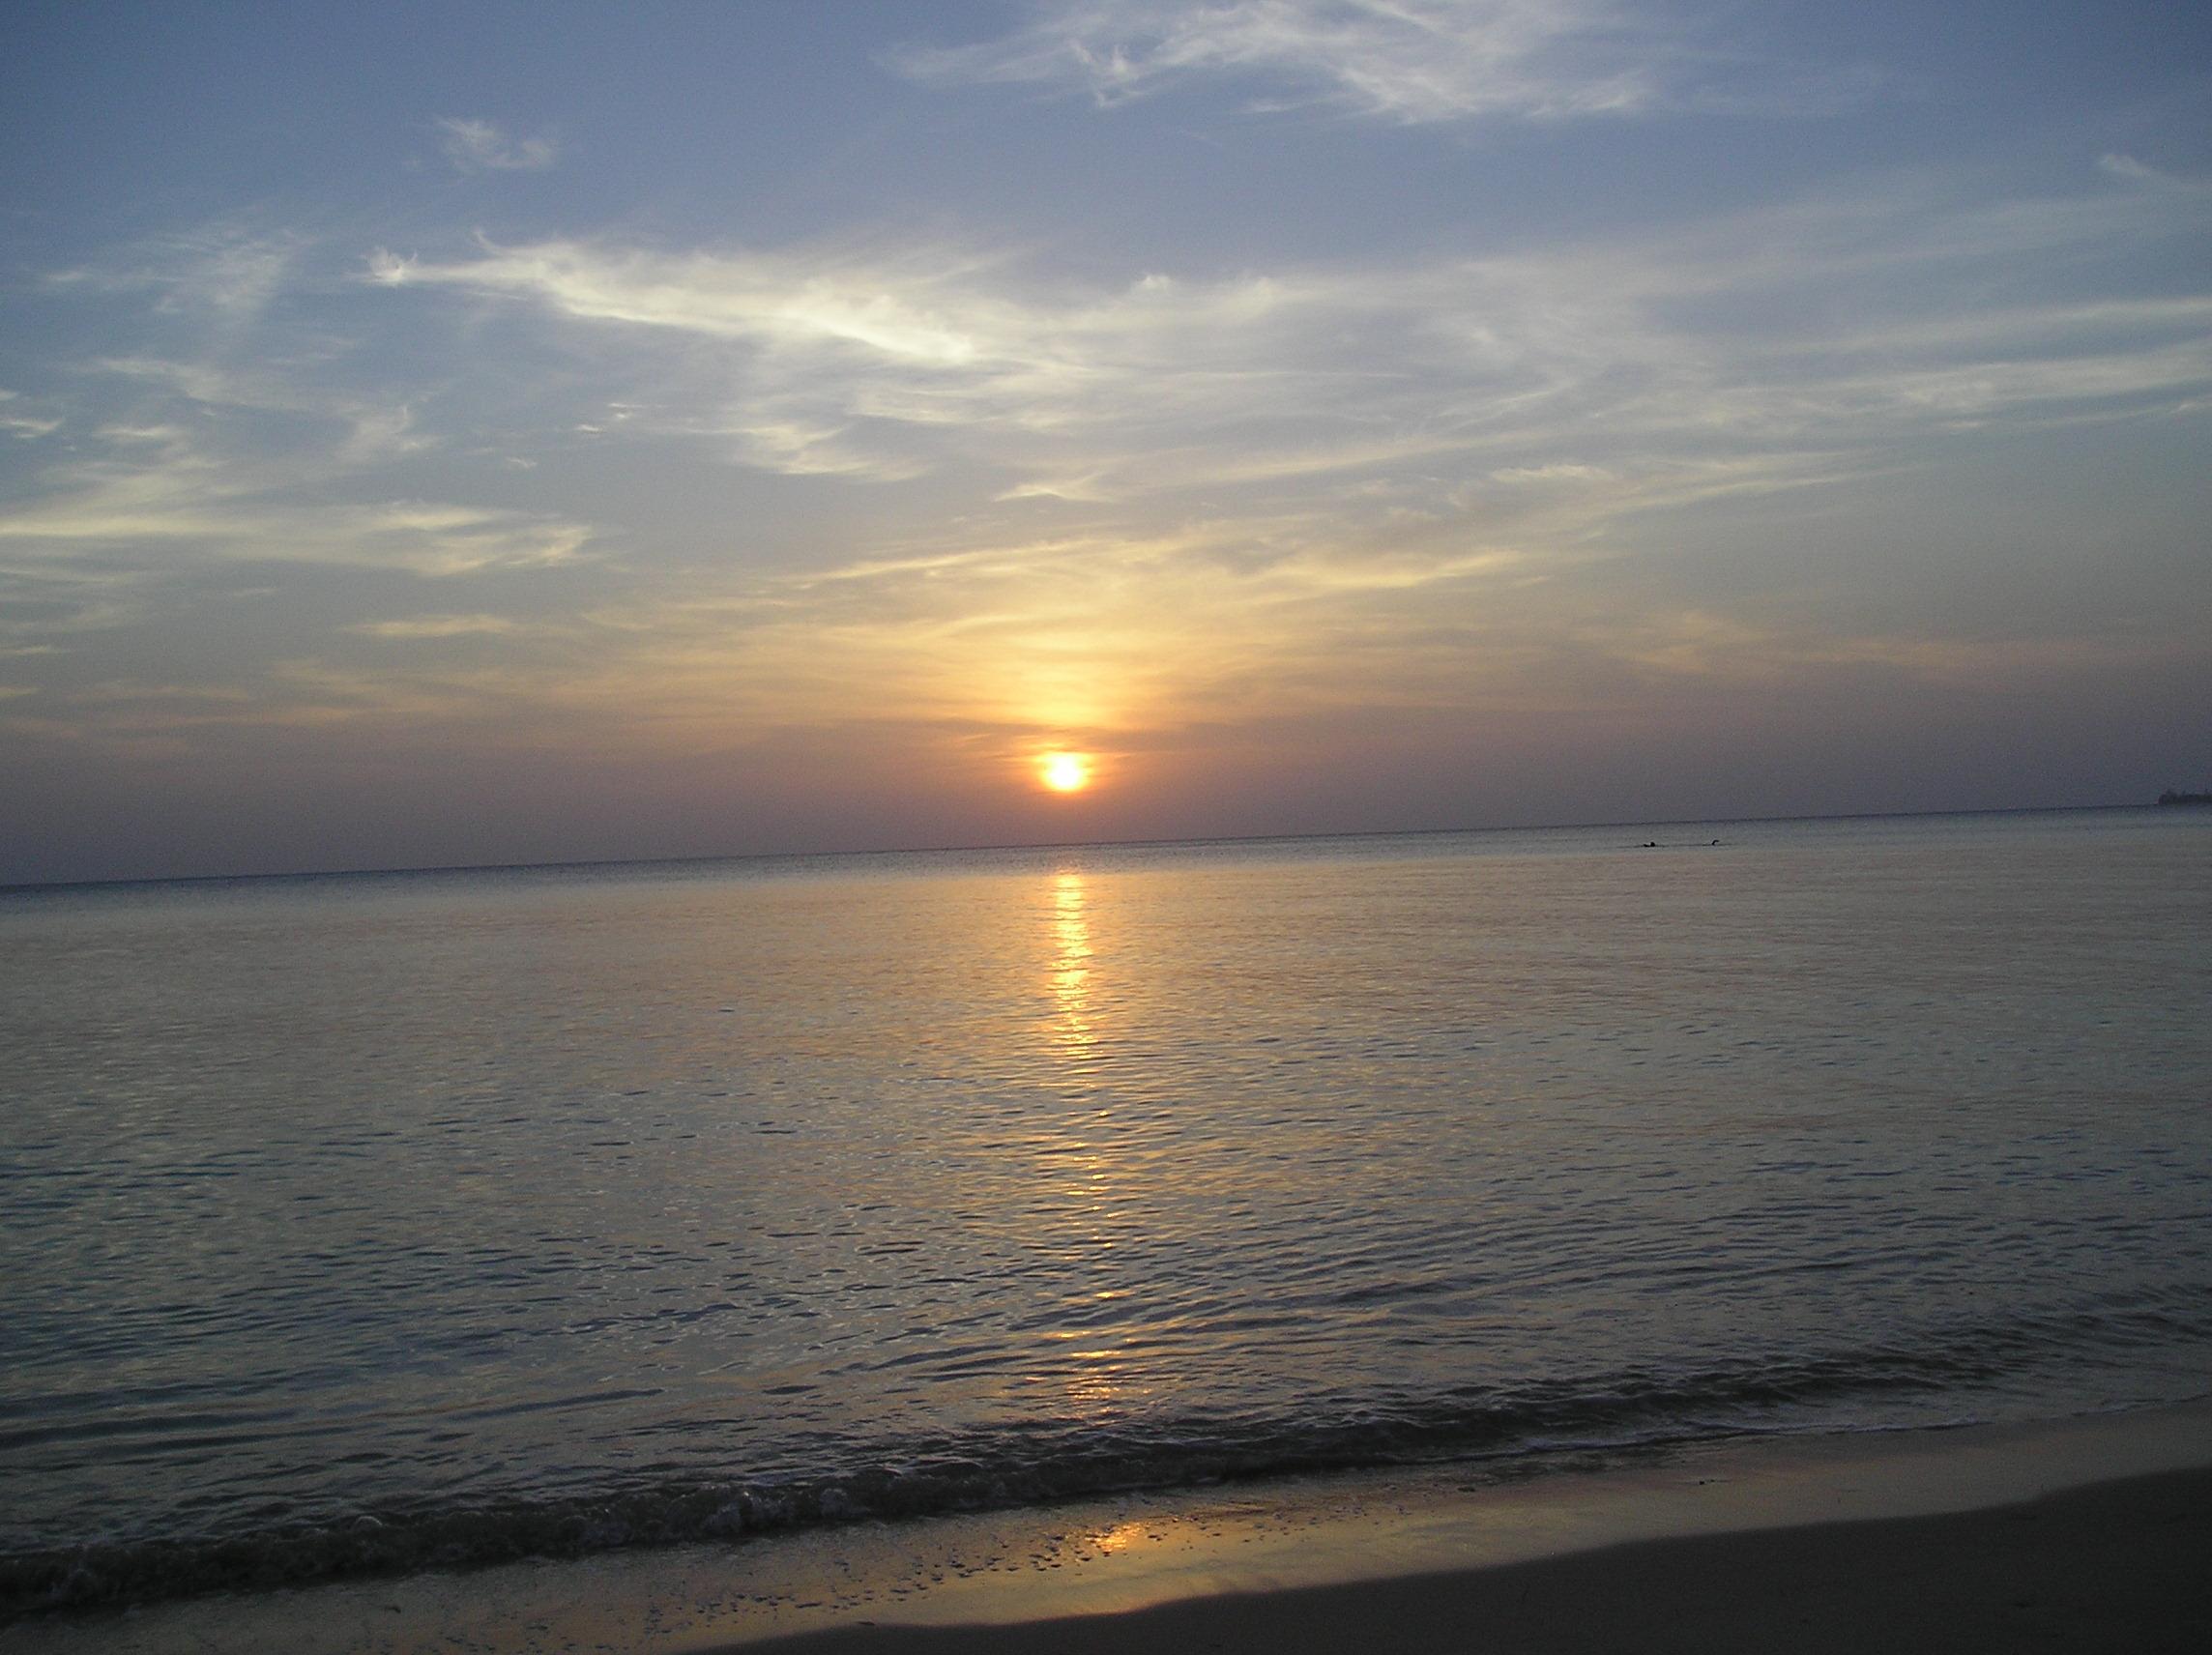 Sole al tramonto (Zanzibar febbraio 2014)